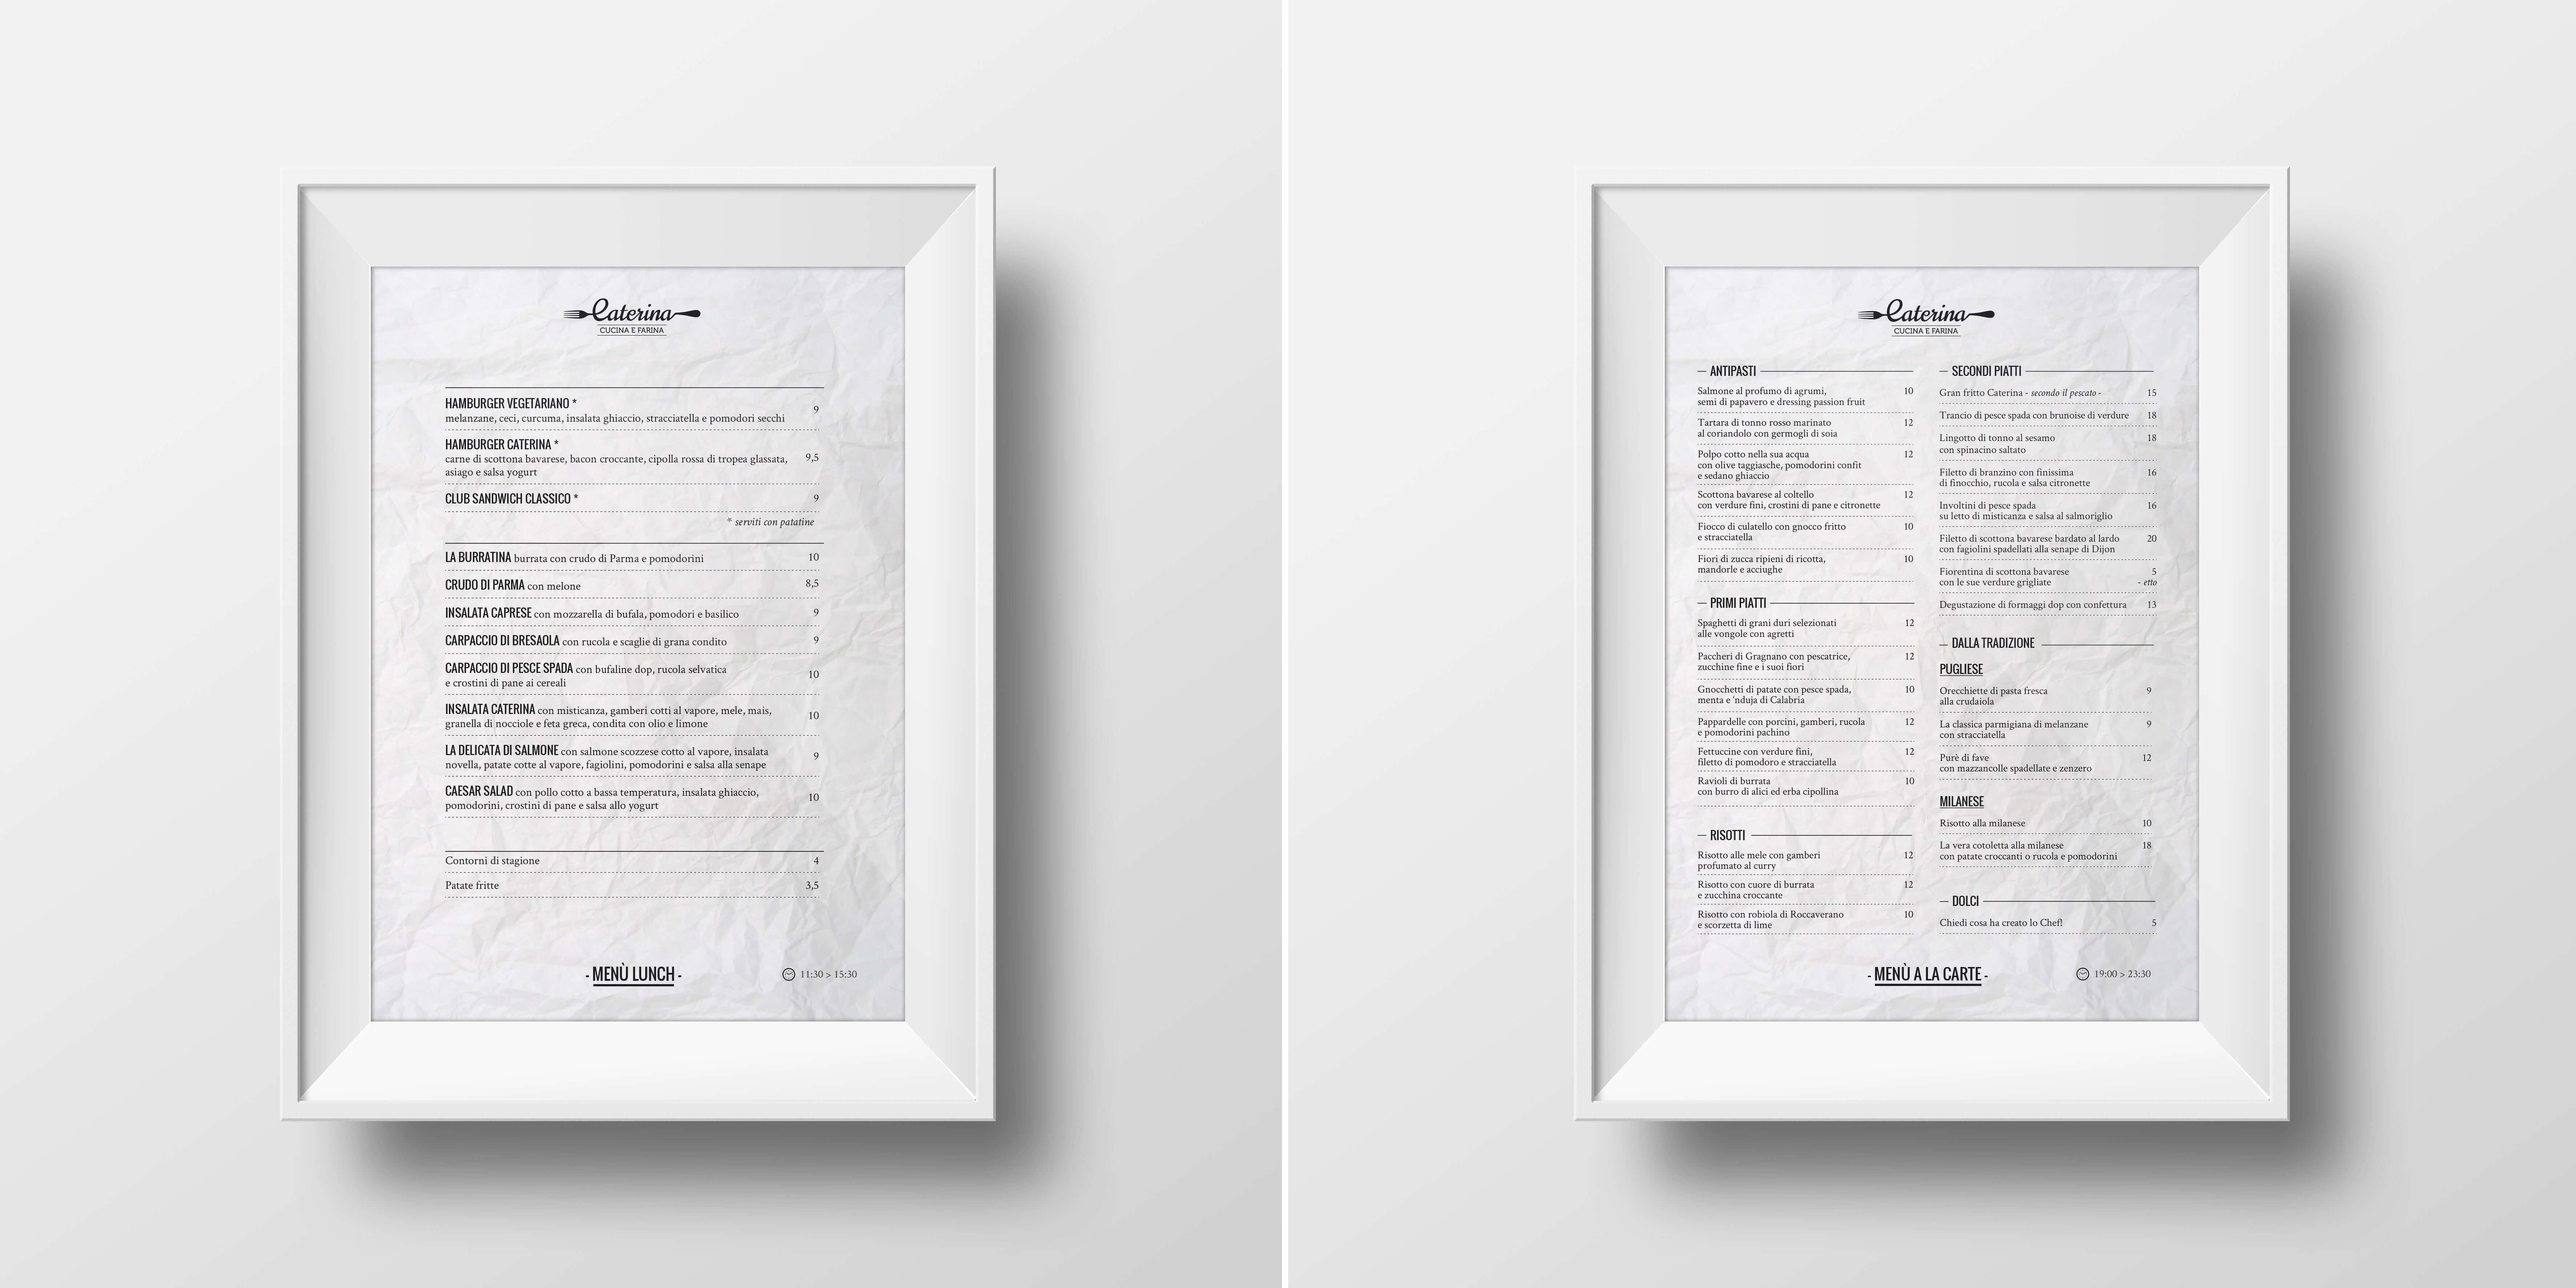 mintlab-brandidentity-caterina-menuVetrina